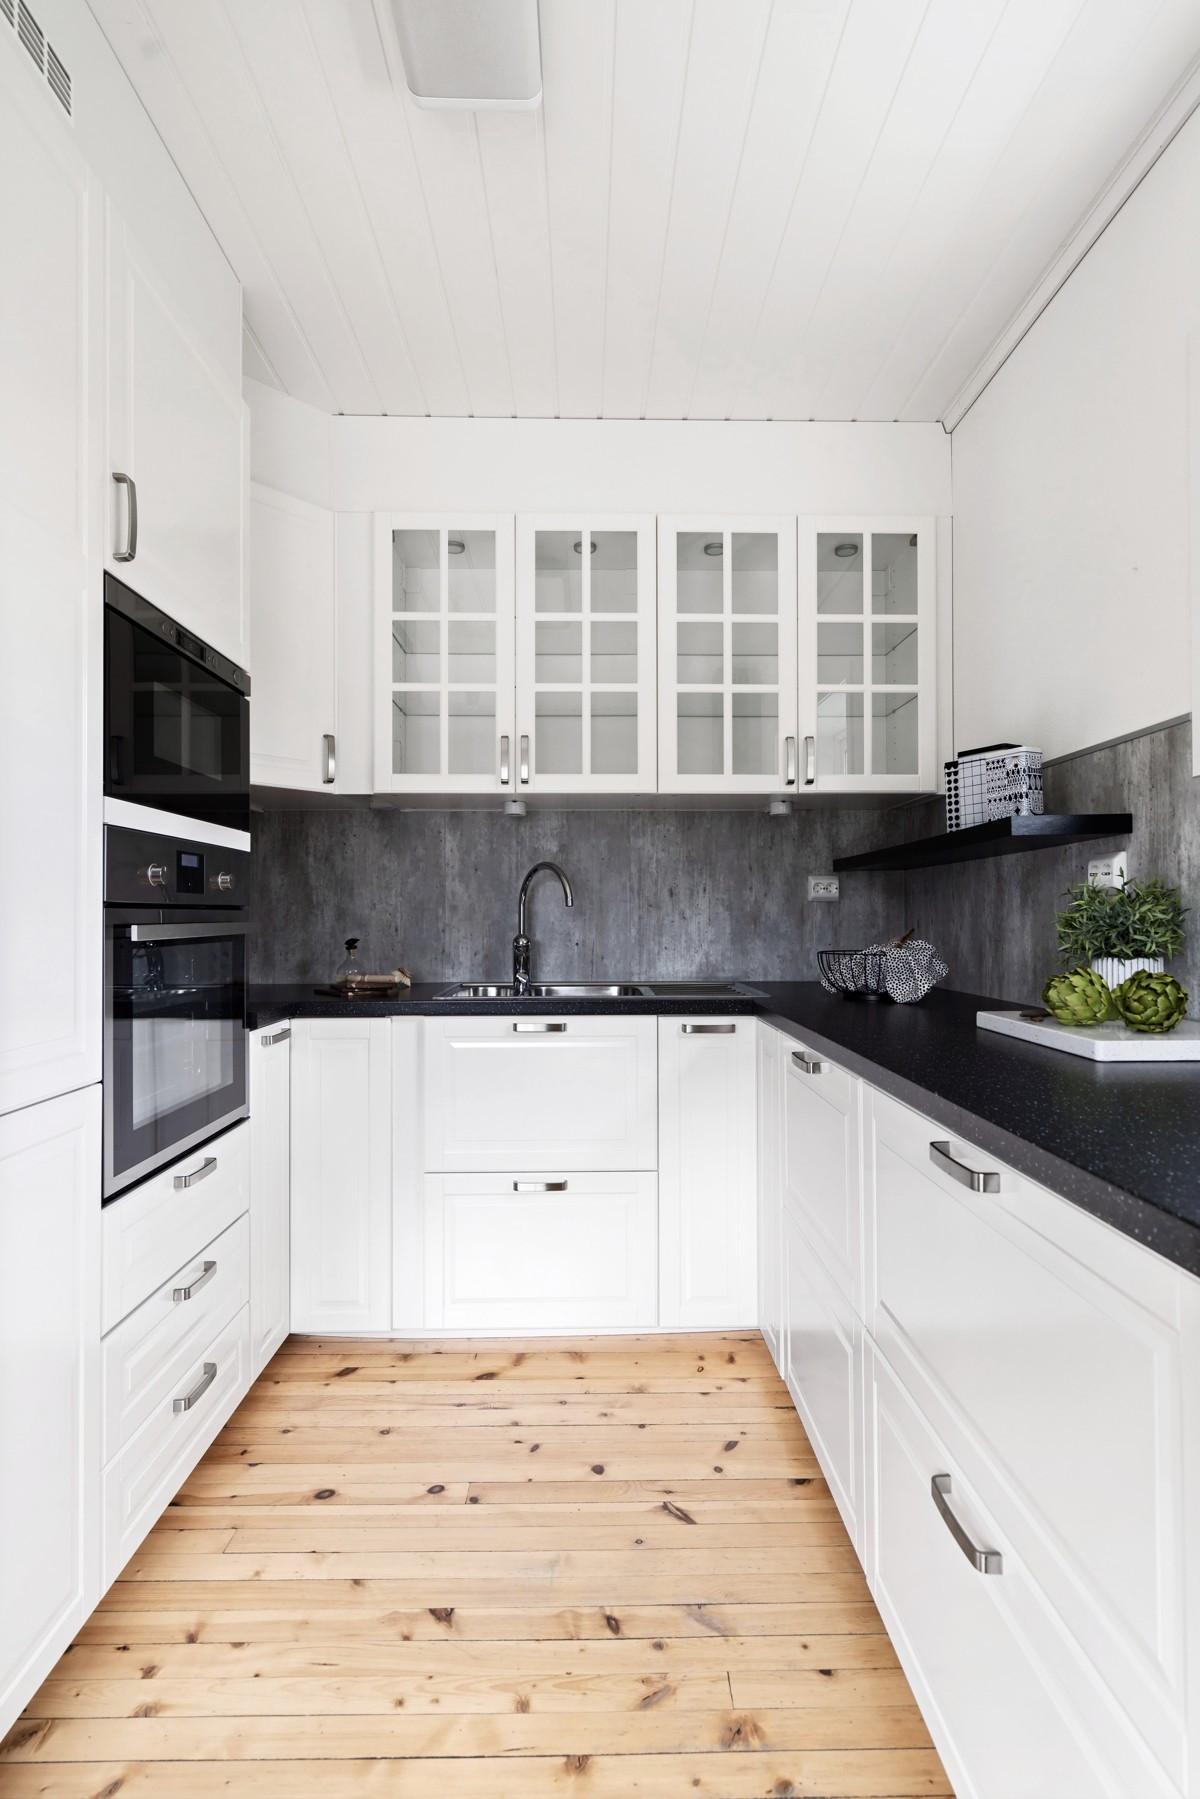 Moderne kjøkkeninnredning fra 2015, med gode oppbevaringsmuligheter, god benkeplass, samt integrerte hvitevarer